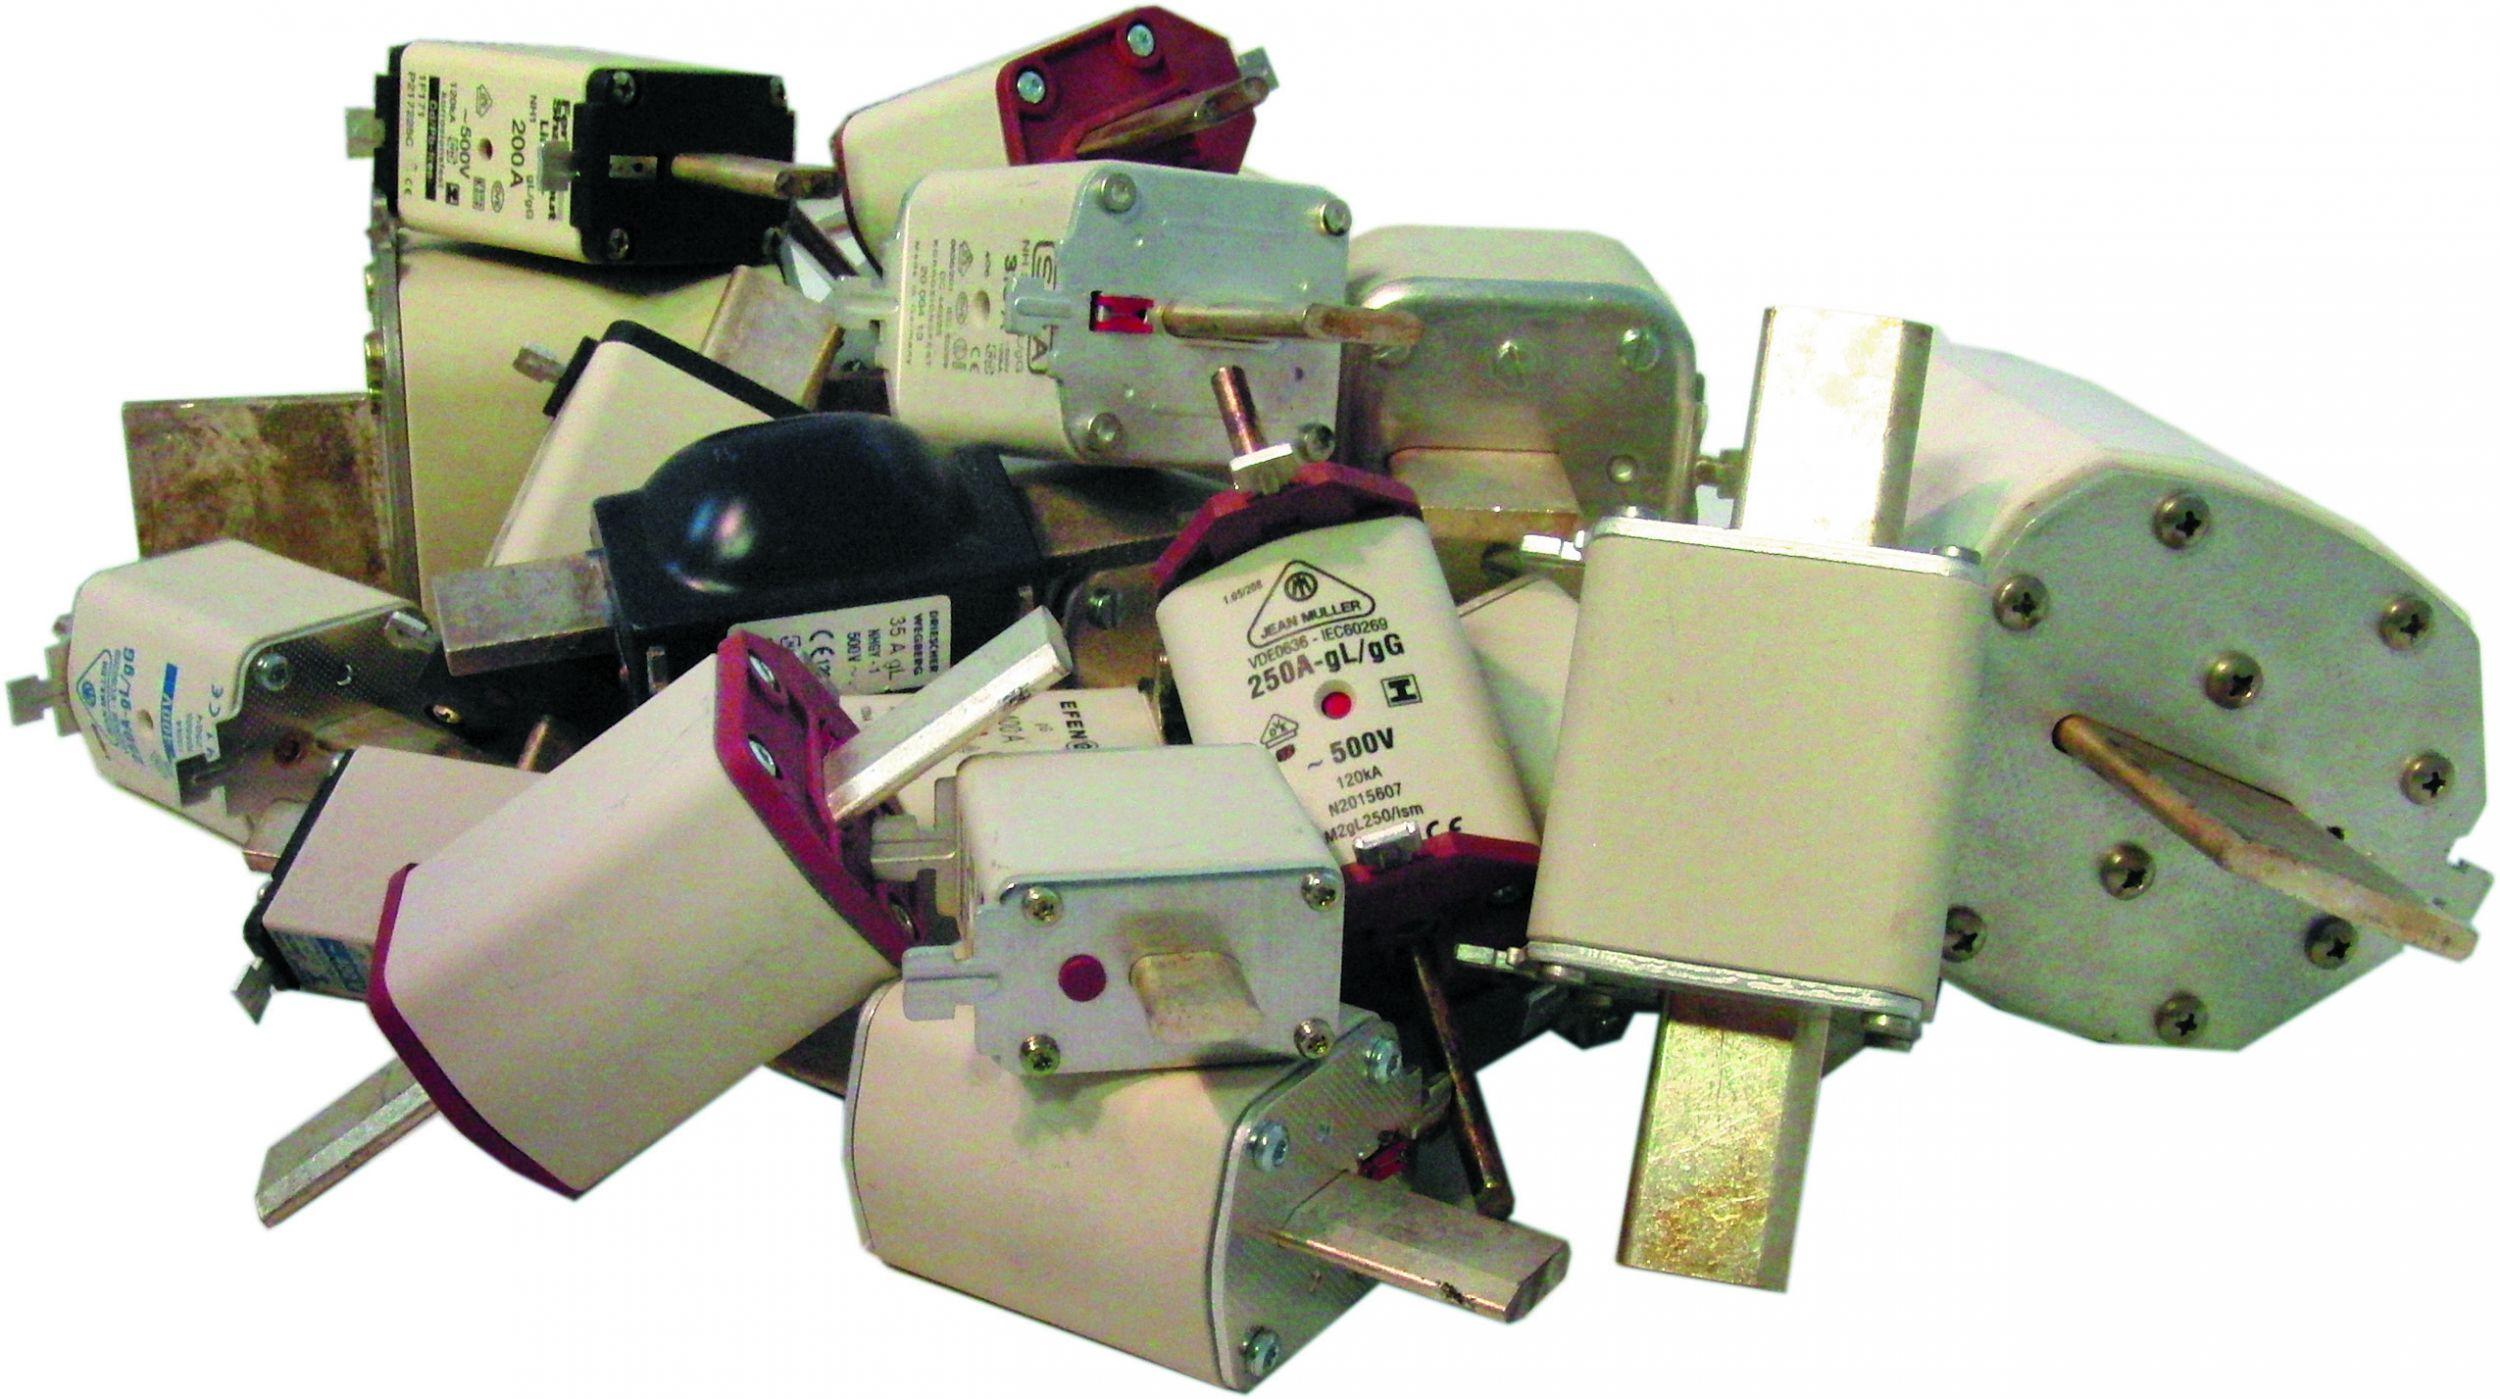 NH/HH-Recyclingverein erzielt Rekordergebnis im Jubiläumsjahr 2020: 212 Tonnen ausgediente Schmelzsicherungen gesammelt